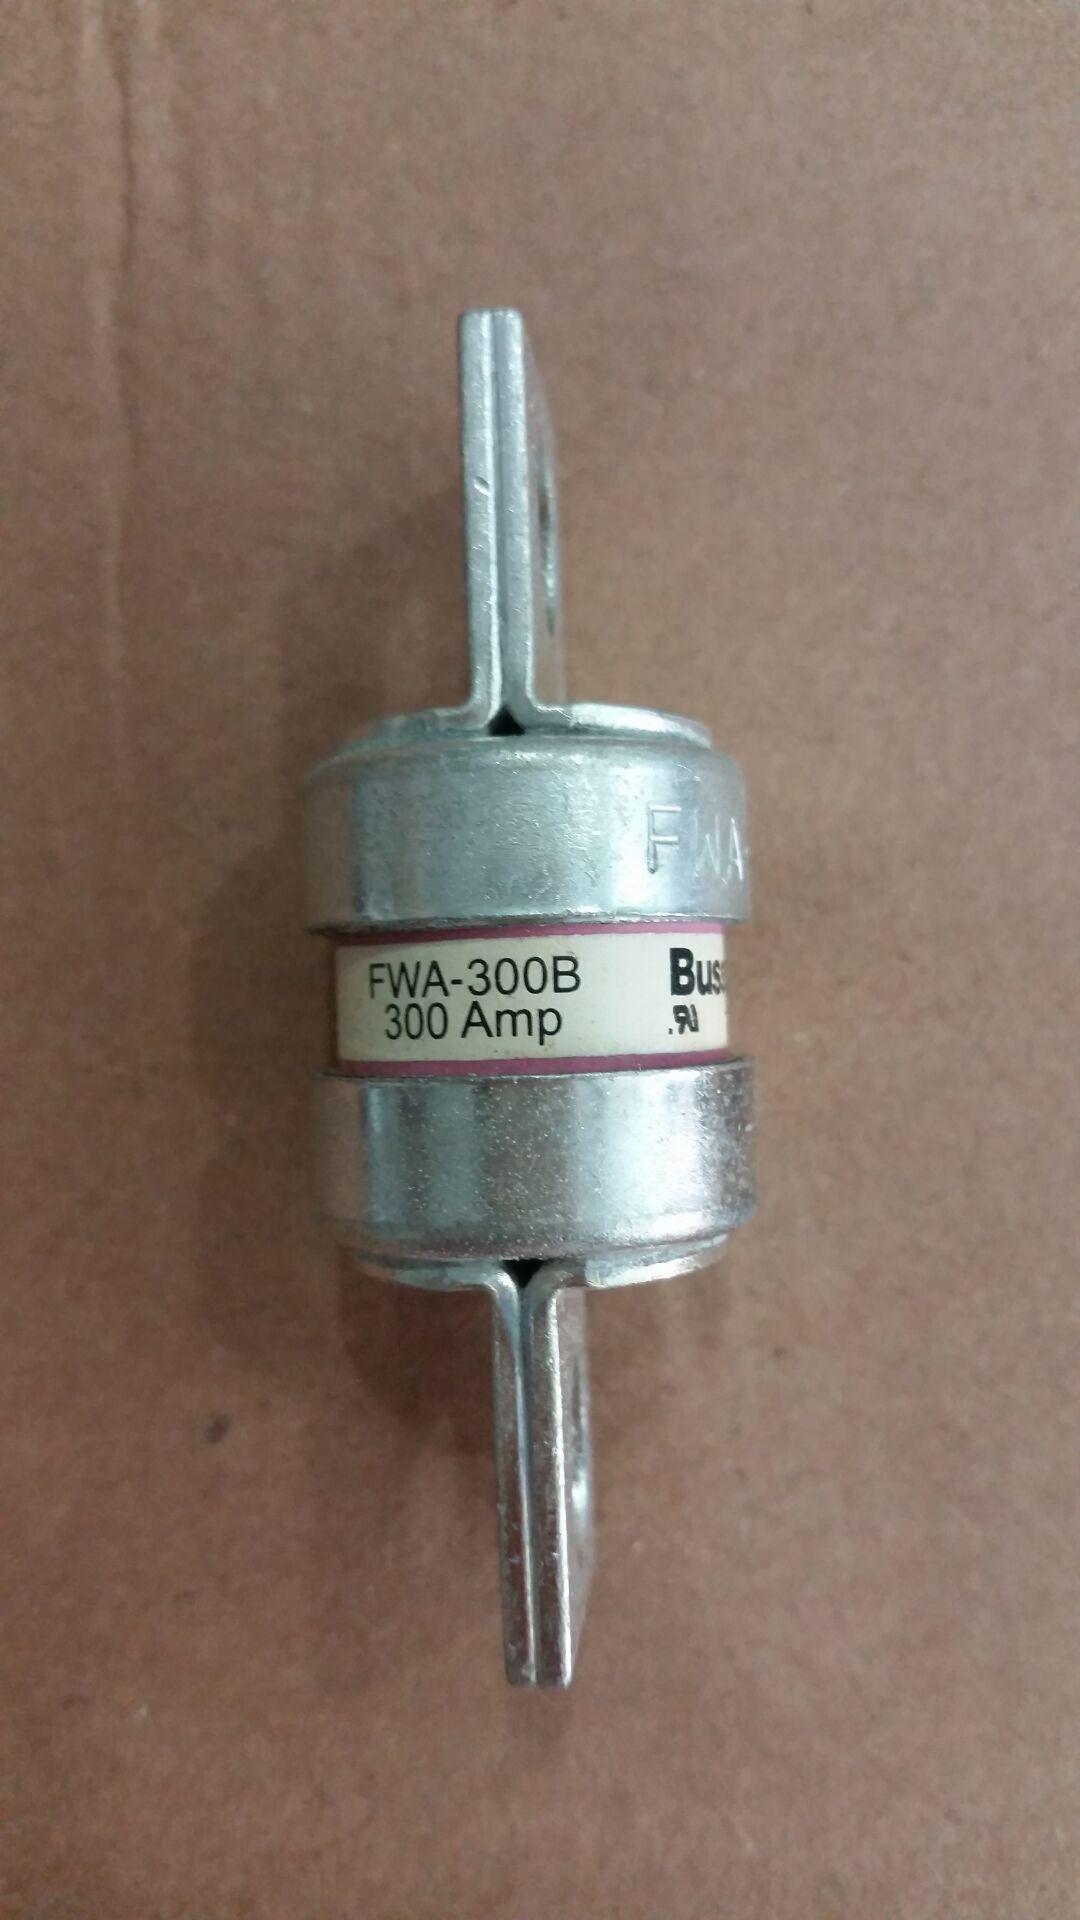 美国品牌Bussmann博仕曼伊顿FWC-20A10F熔断器10*38mm